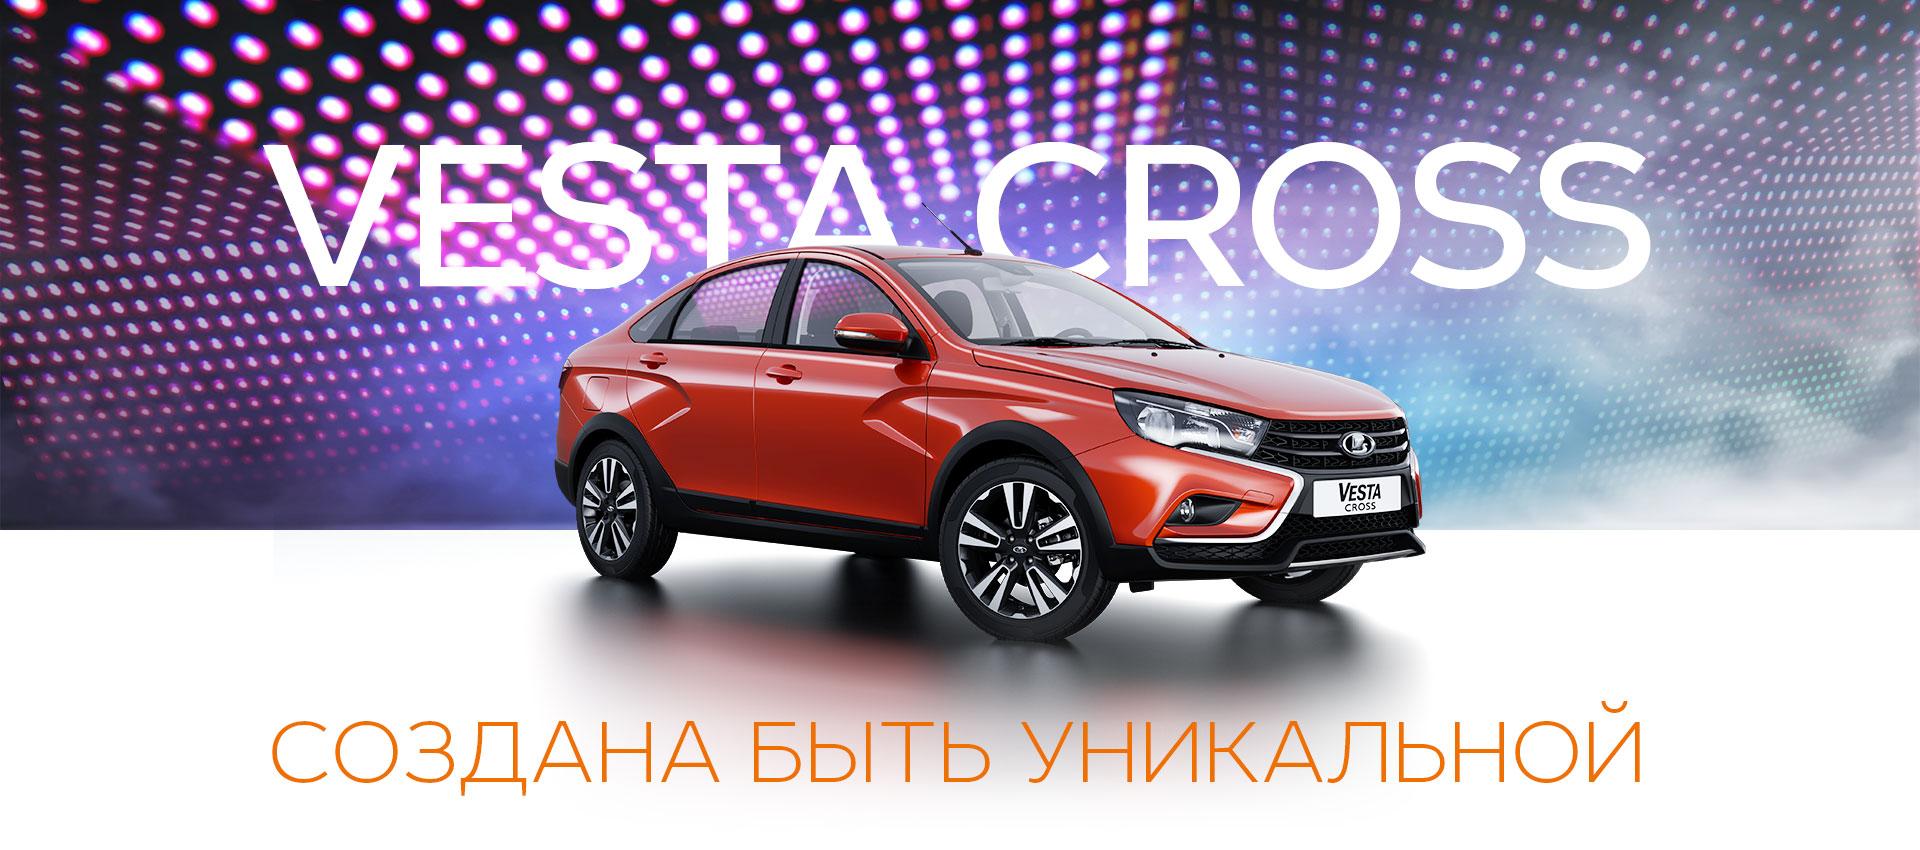 Старт продаж новой Lada Vesta